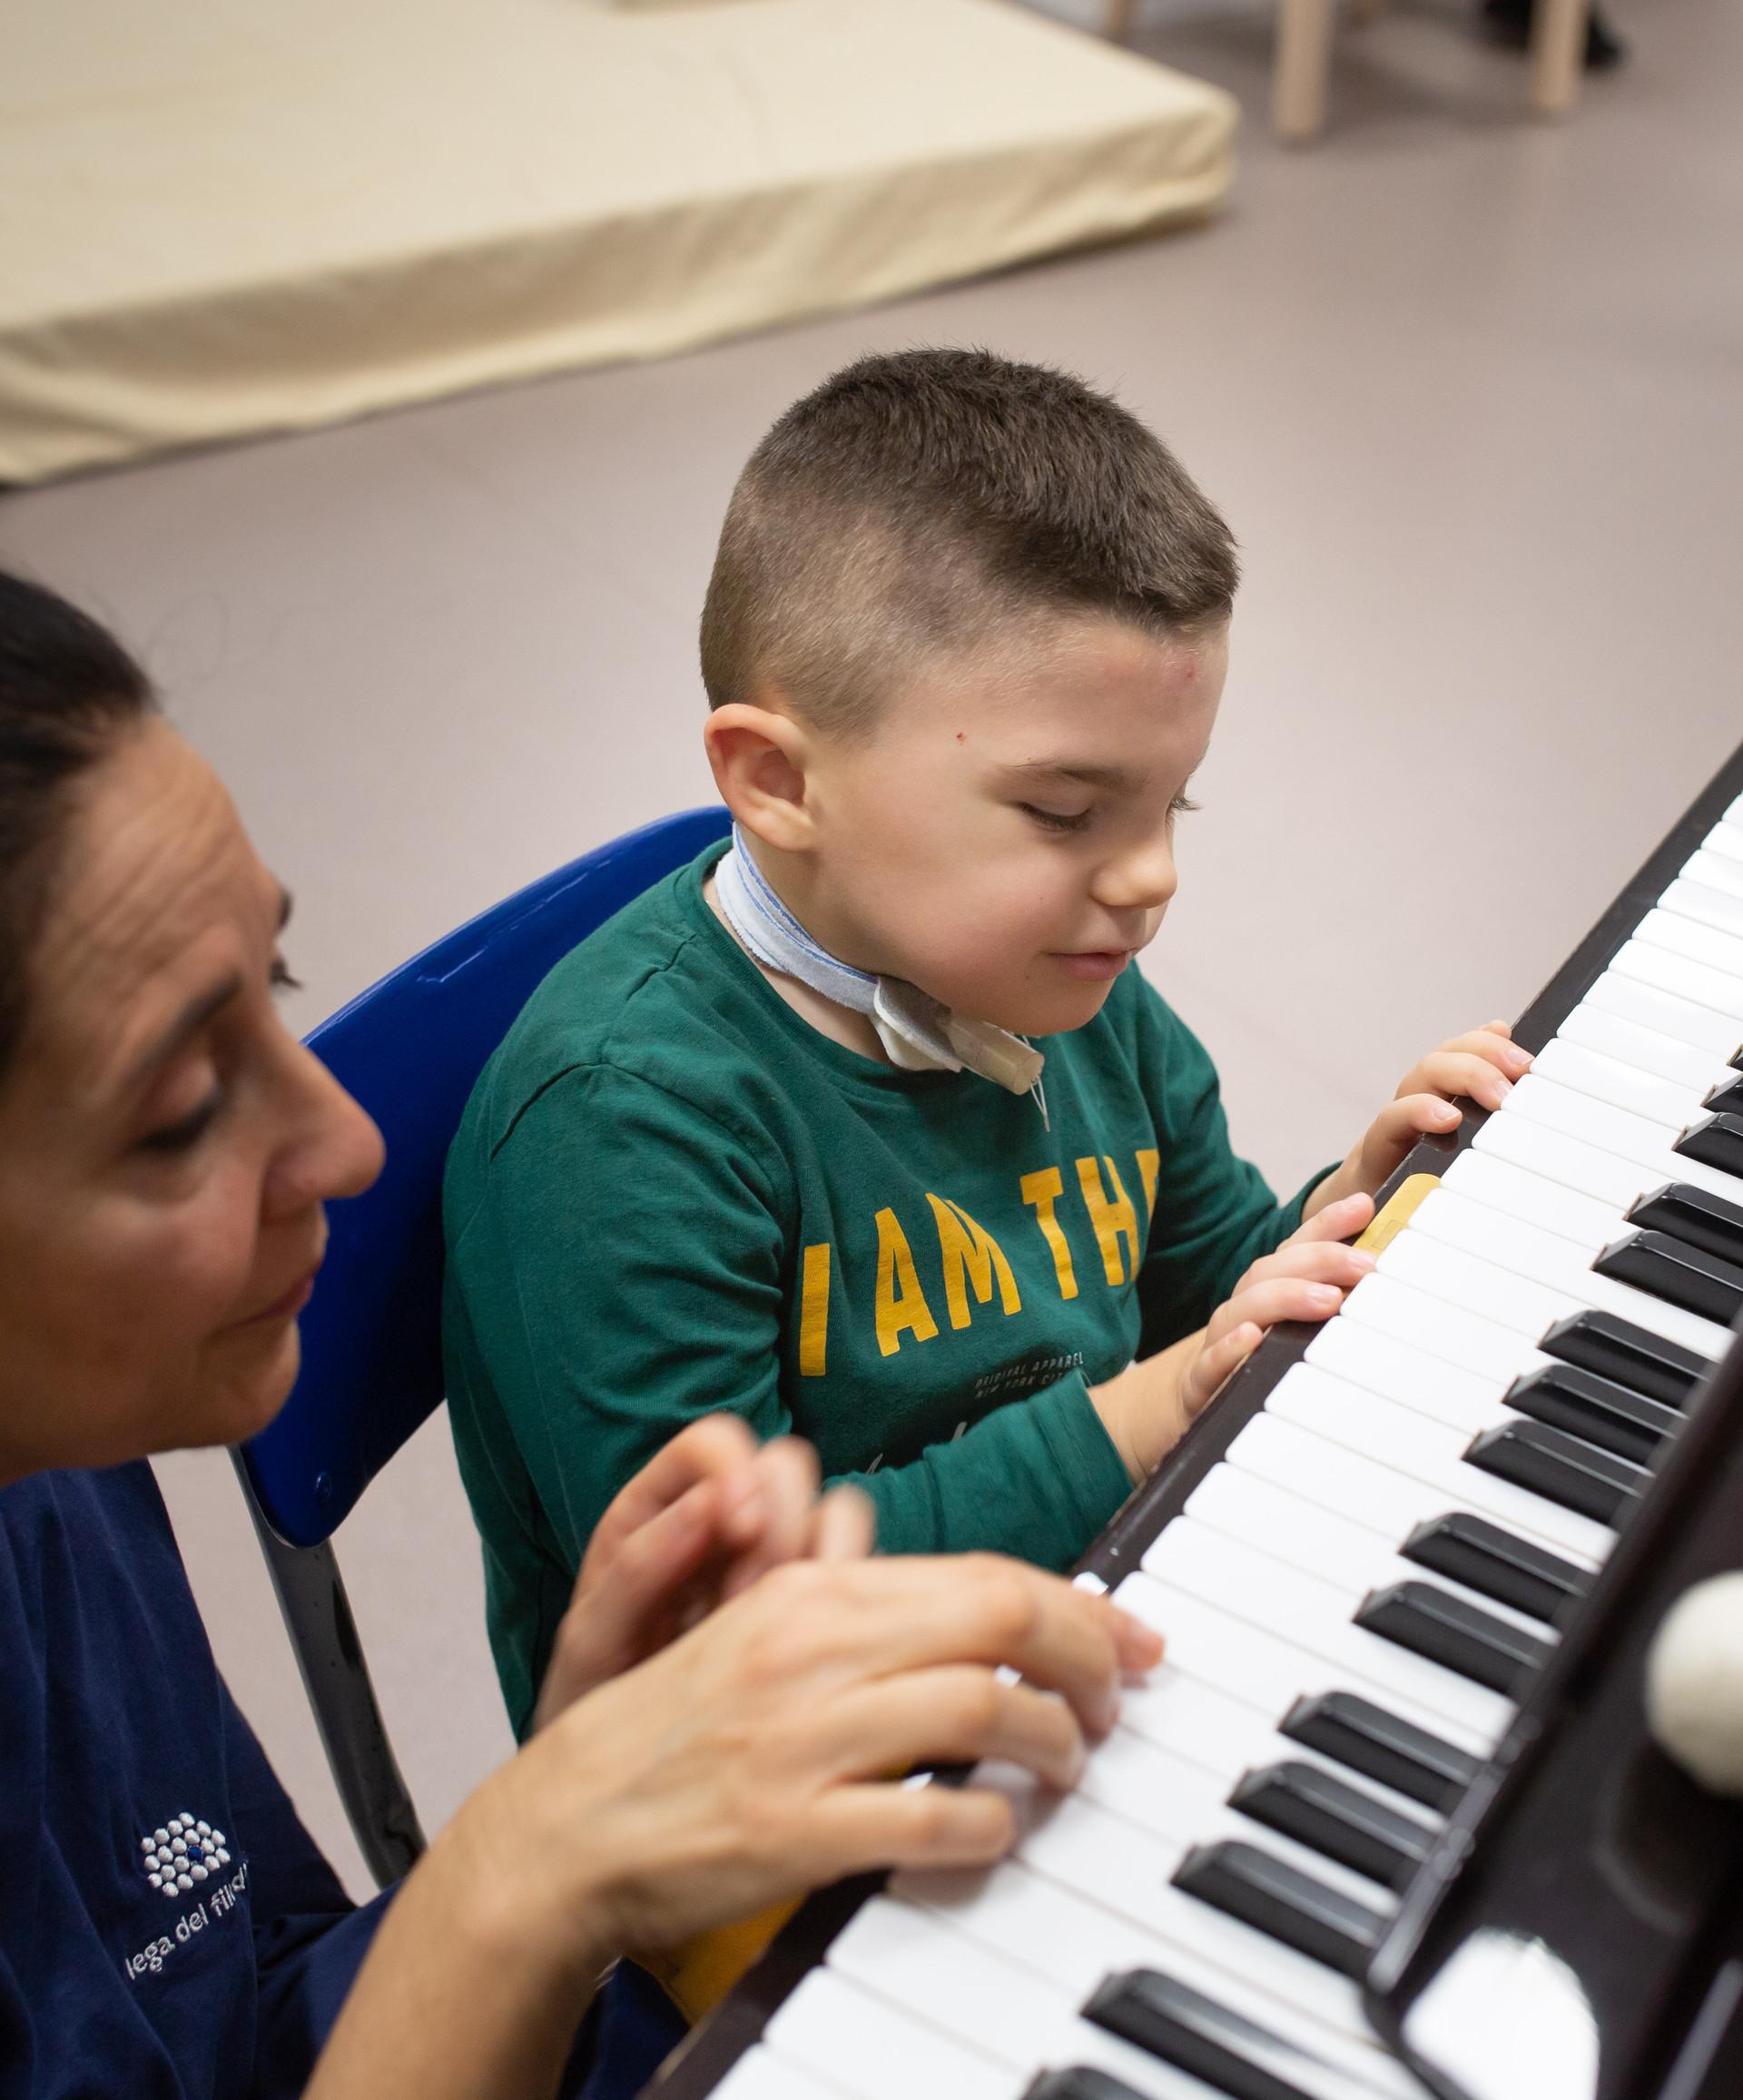 Leonardo, un bambino affetto della sindrome di Charge, suona al pianoforte con Fimmetta, musicoterapista del Centro di Osimo della Lega del Filo d'Oro